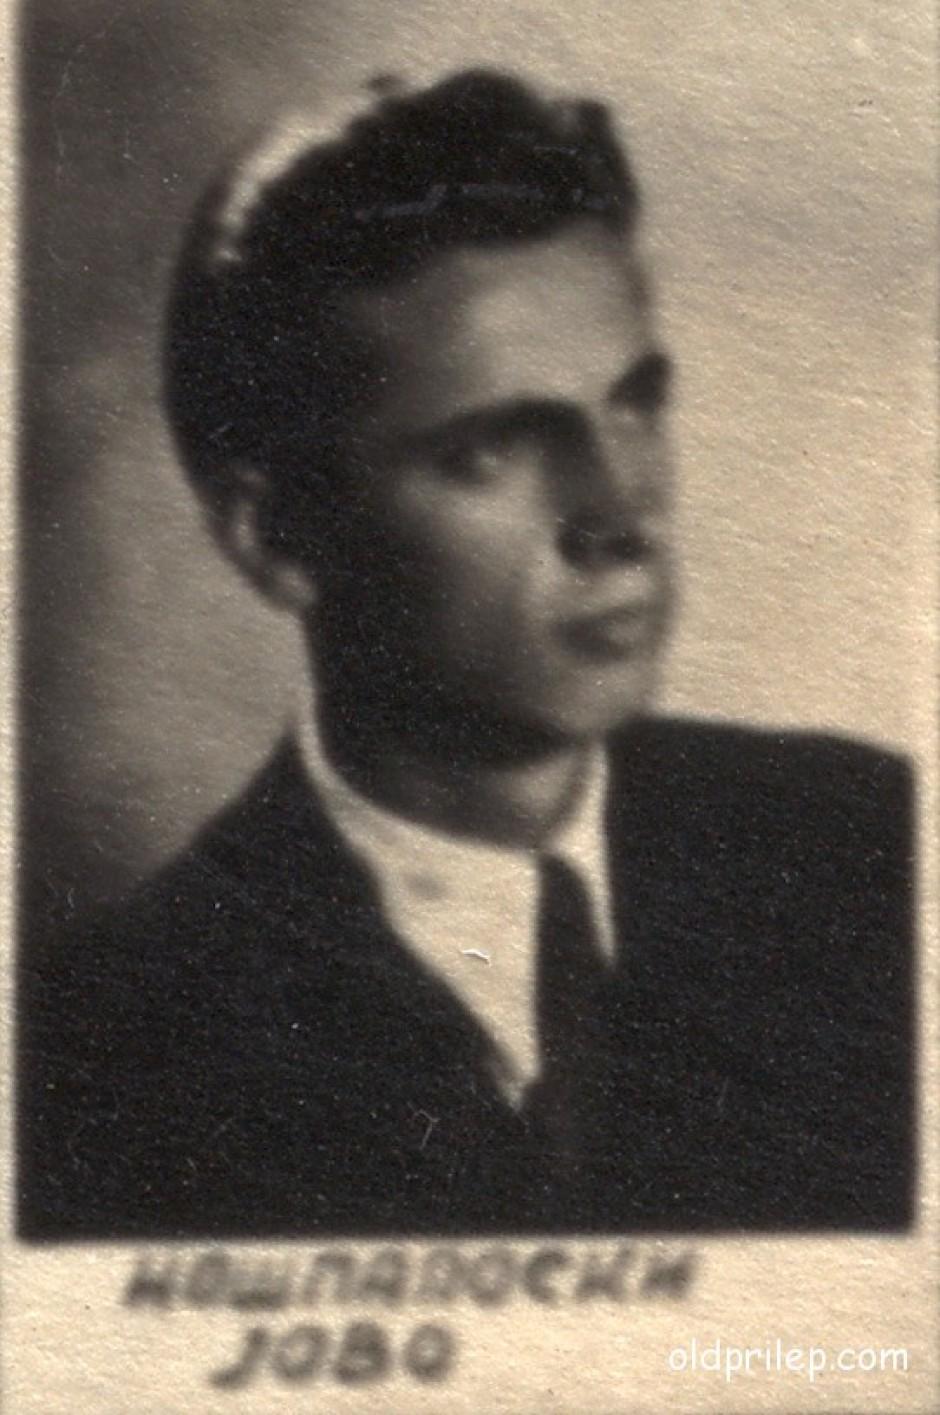 1950: Јован Ношпал како матурант